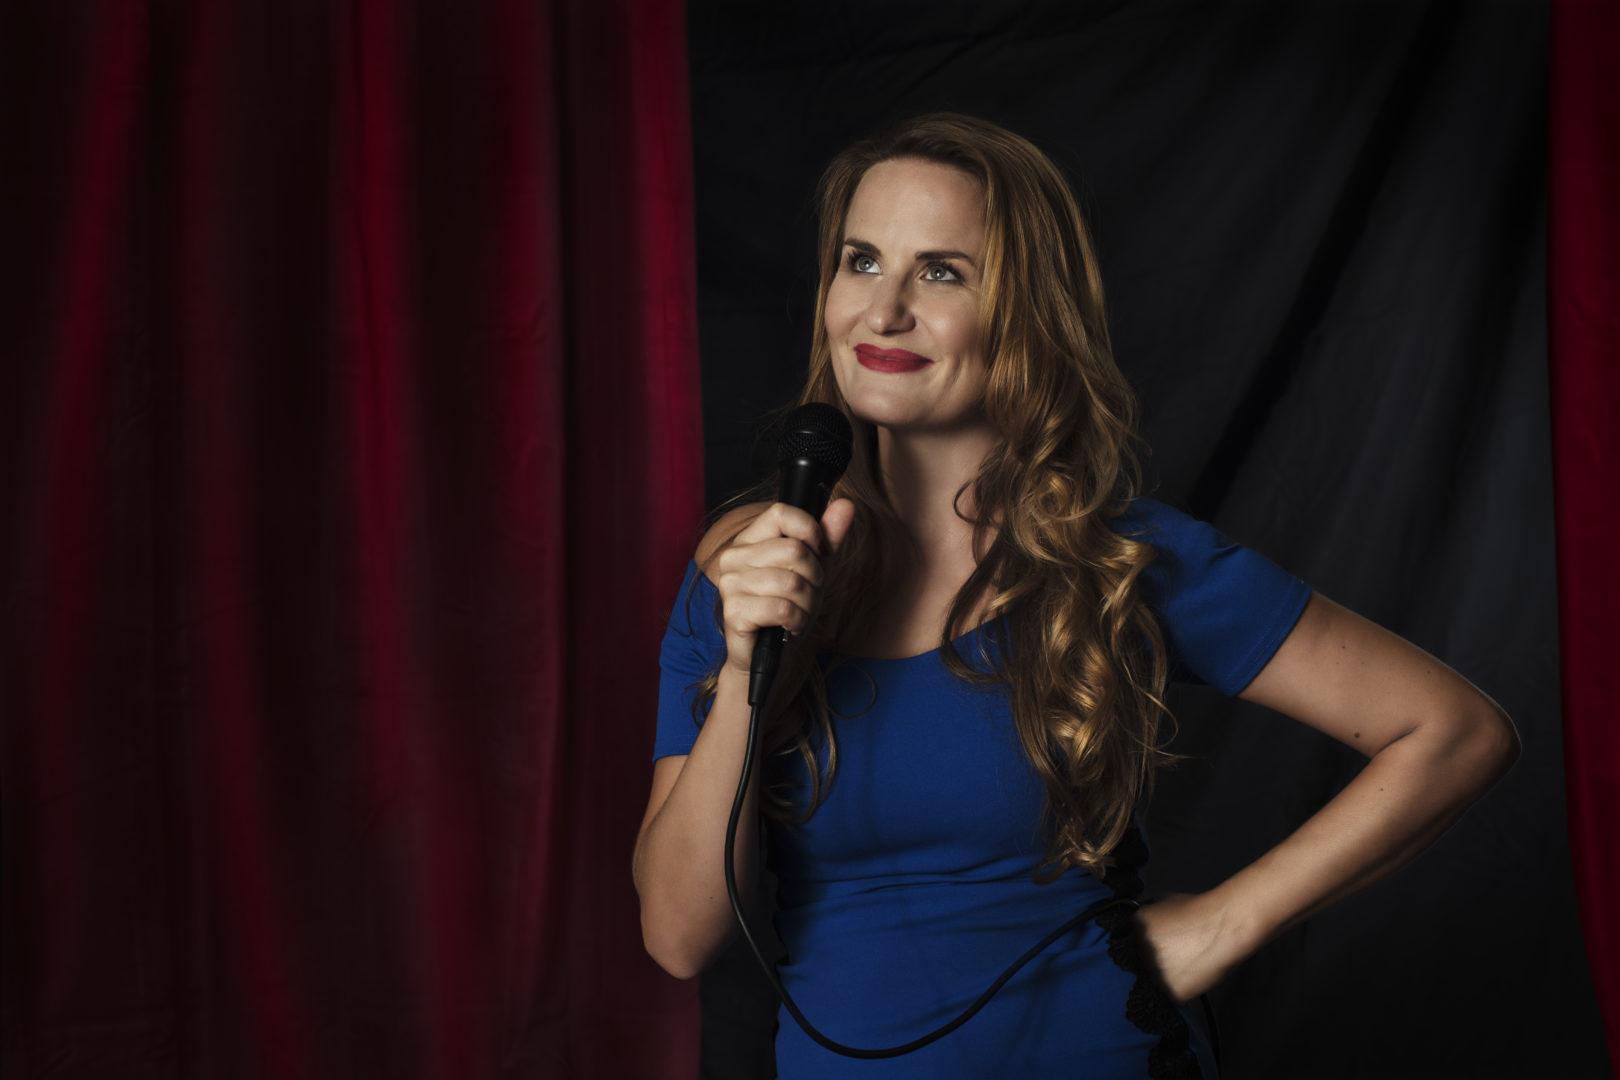 La comica Laura Formenti da Italia's Got Talent a Udine. 5 agosto 2021